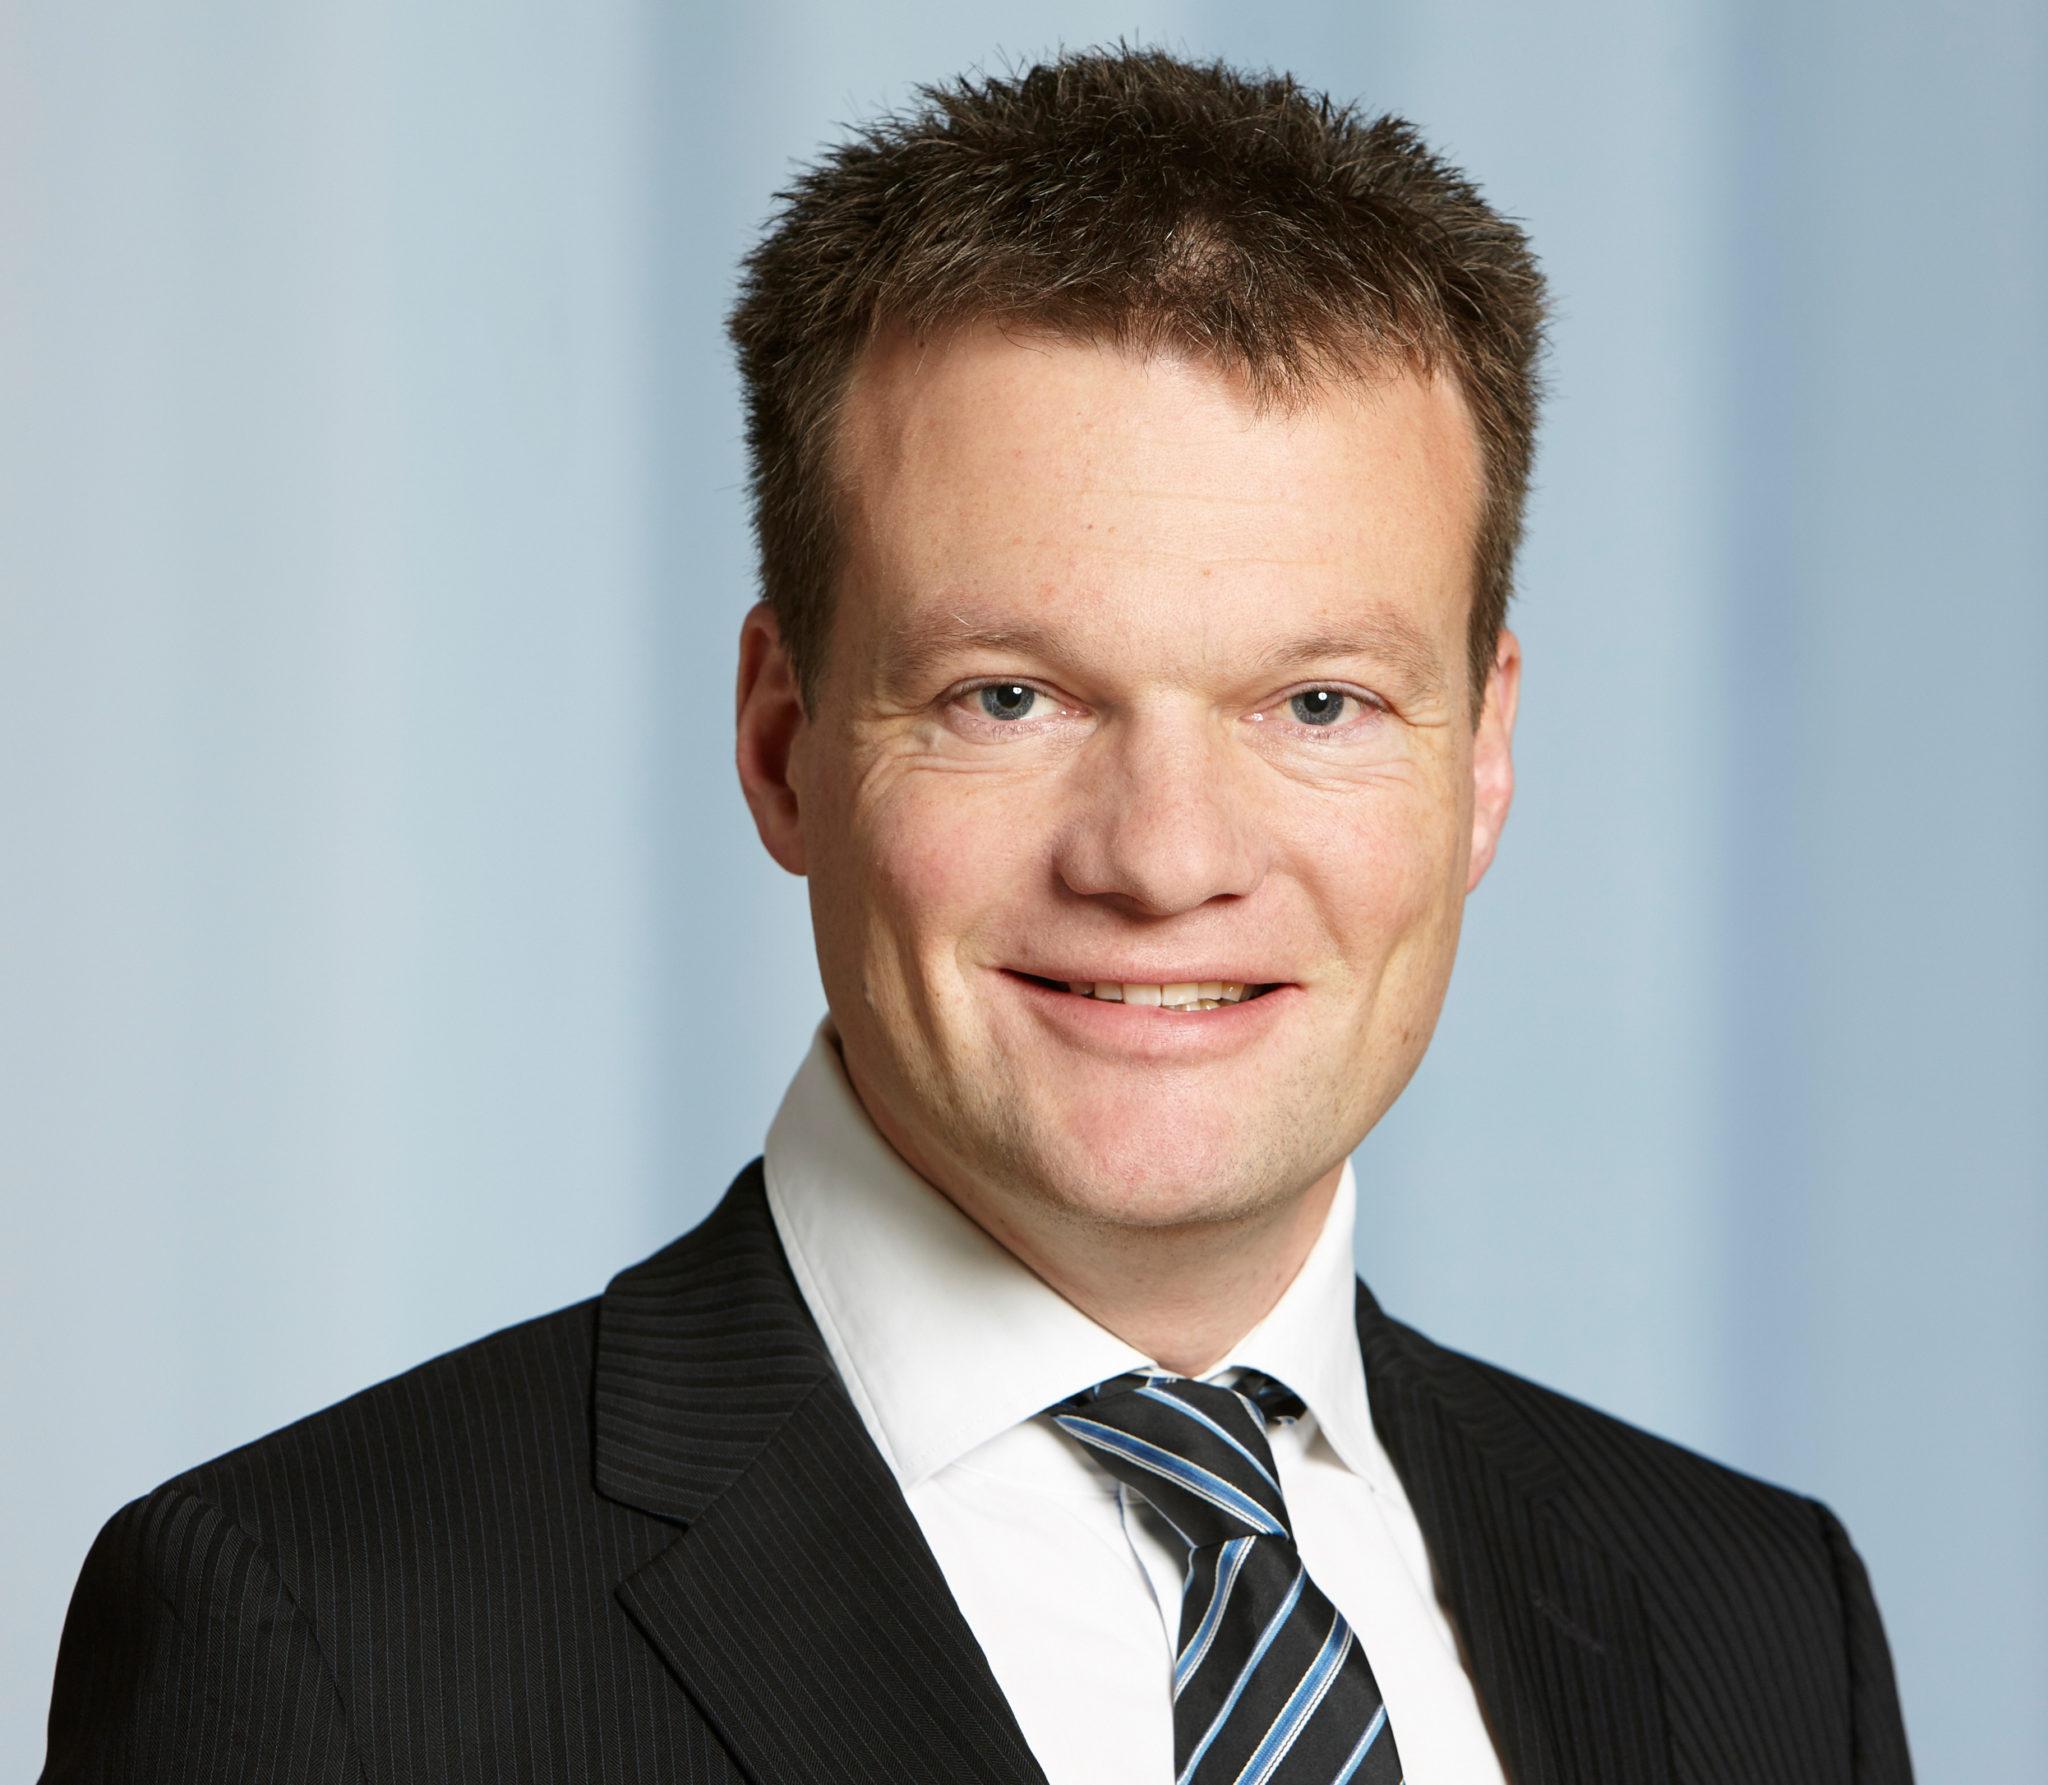 Reto Knutti, Professor am Institut für Atmosphäre und Klima der ETH Zürich.